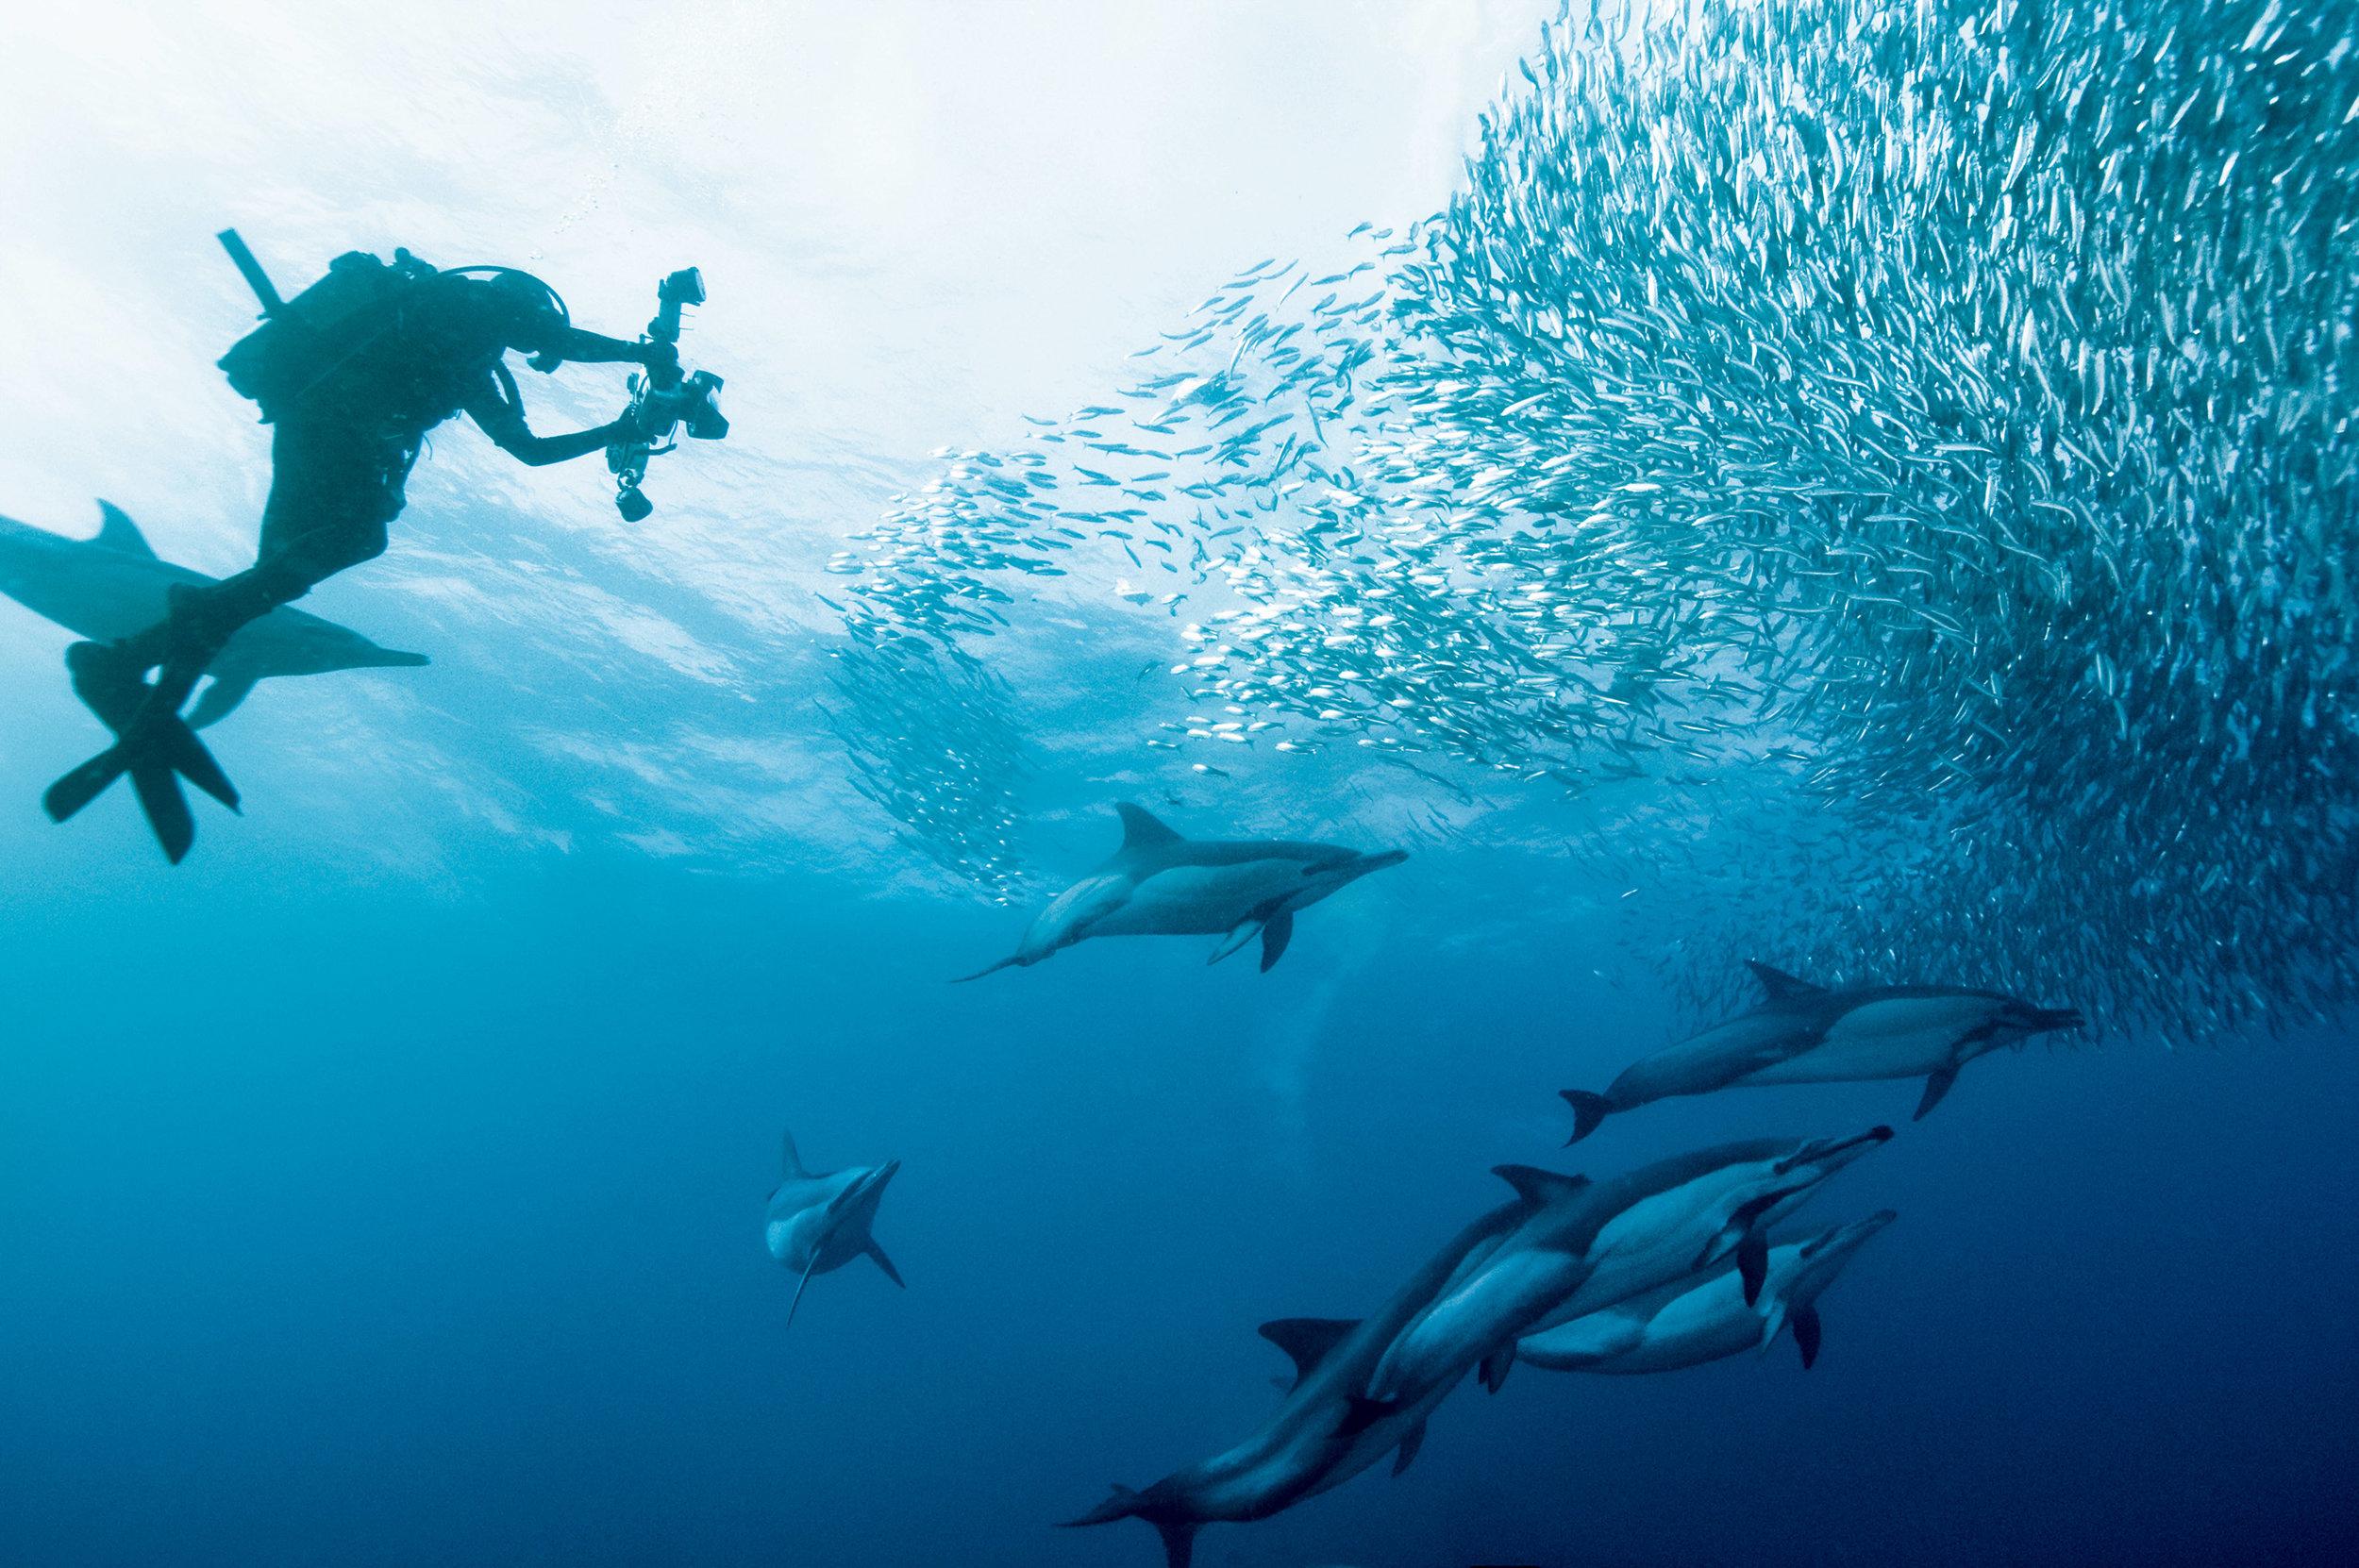 Plongée sous-marine à Sodwana Bay - Certains des meilleurs endroits pour la plongée sous-marine se trouvent dans KwaZulu-Natal. La côte d'éléphant et la côte sud sont parfaits pour cela.